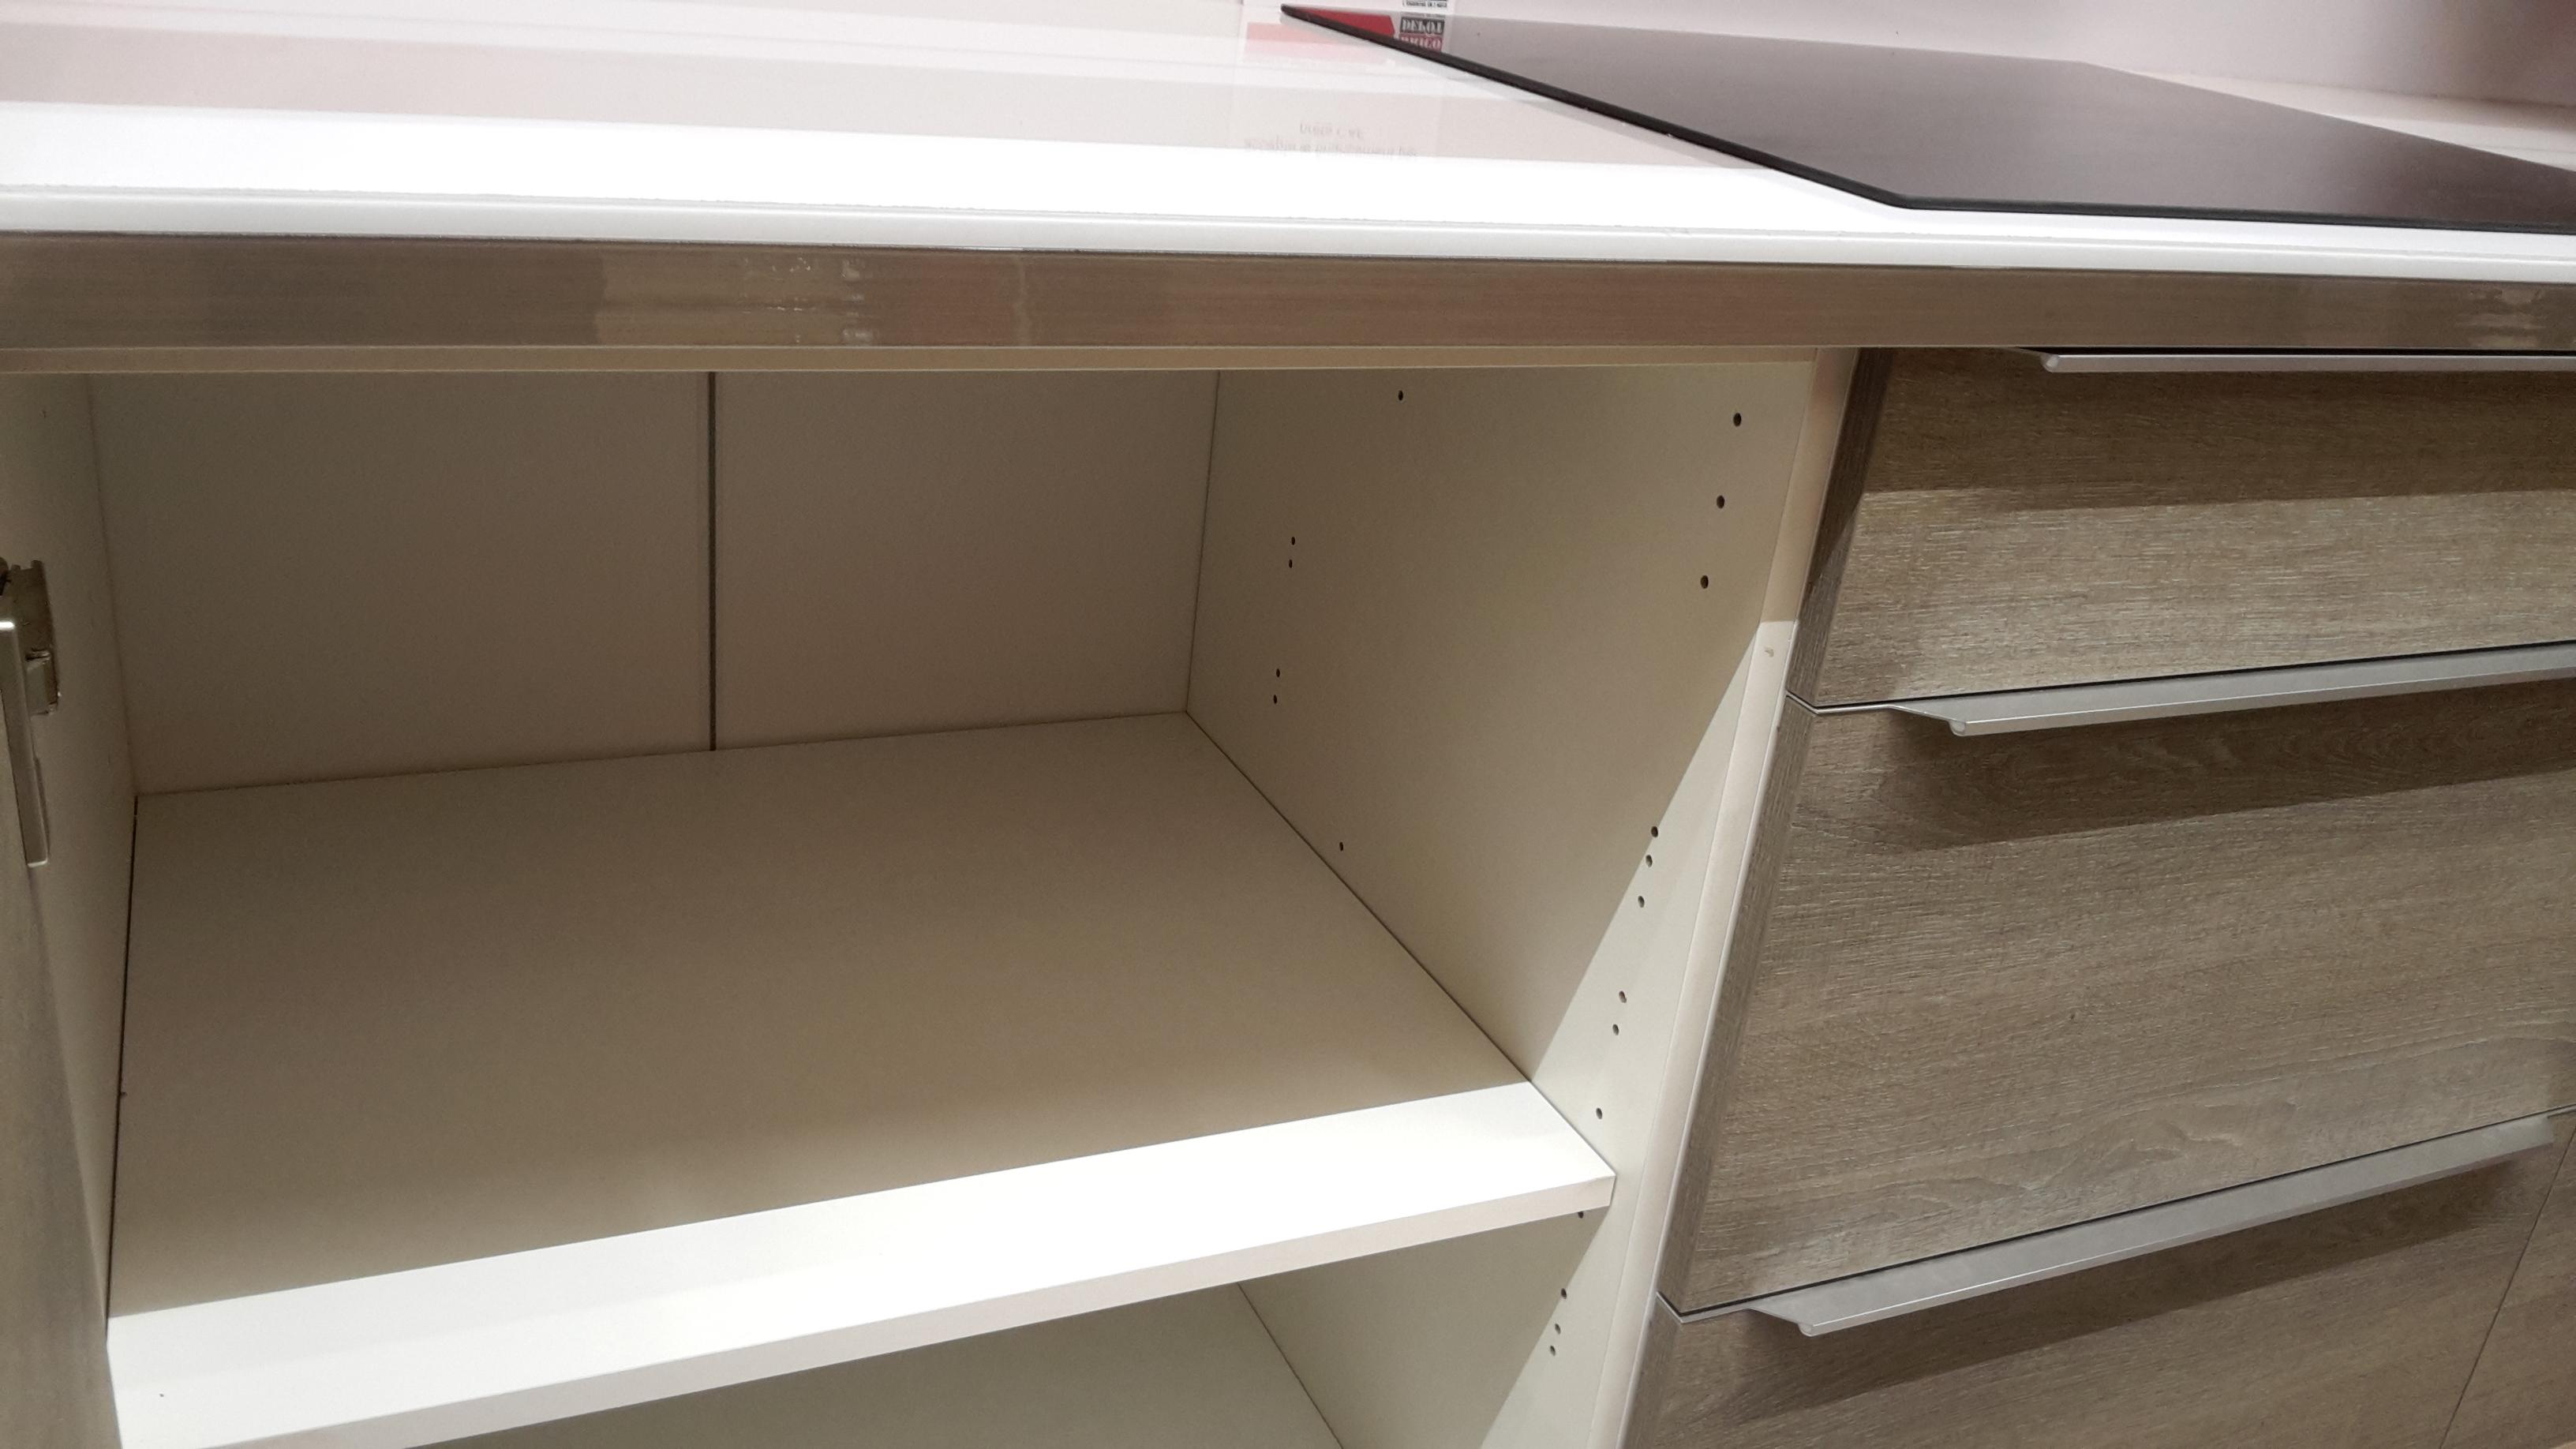 Meuble Cuisine Ikea Vide Sanitaire les cuisines brico dépôt ⋆